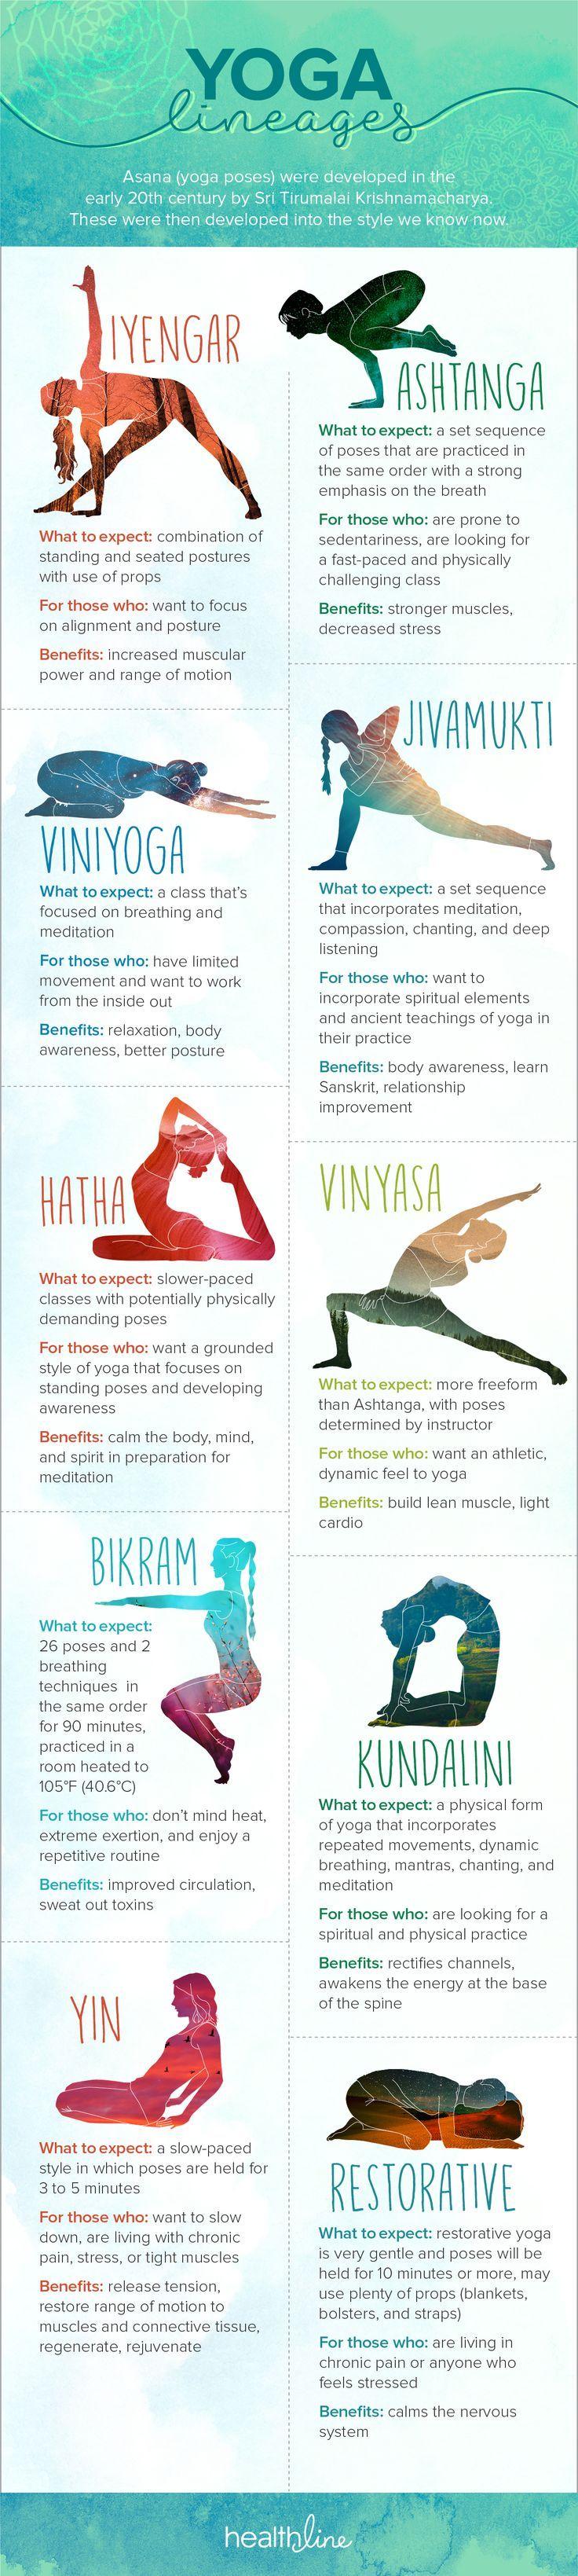 Der definitive Yoga-Leitfaden für Anfänger und Experten